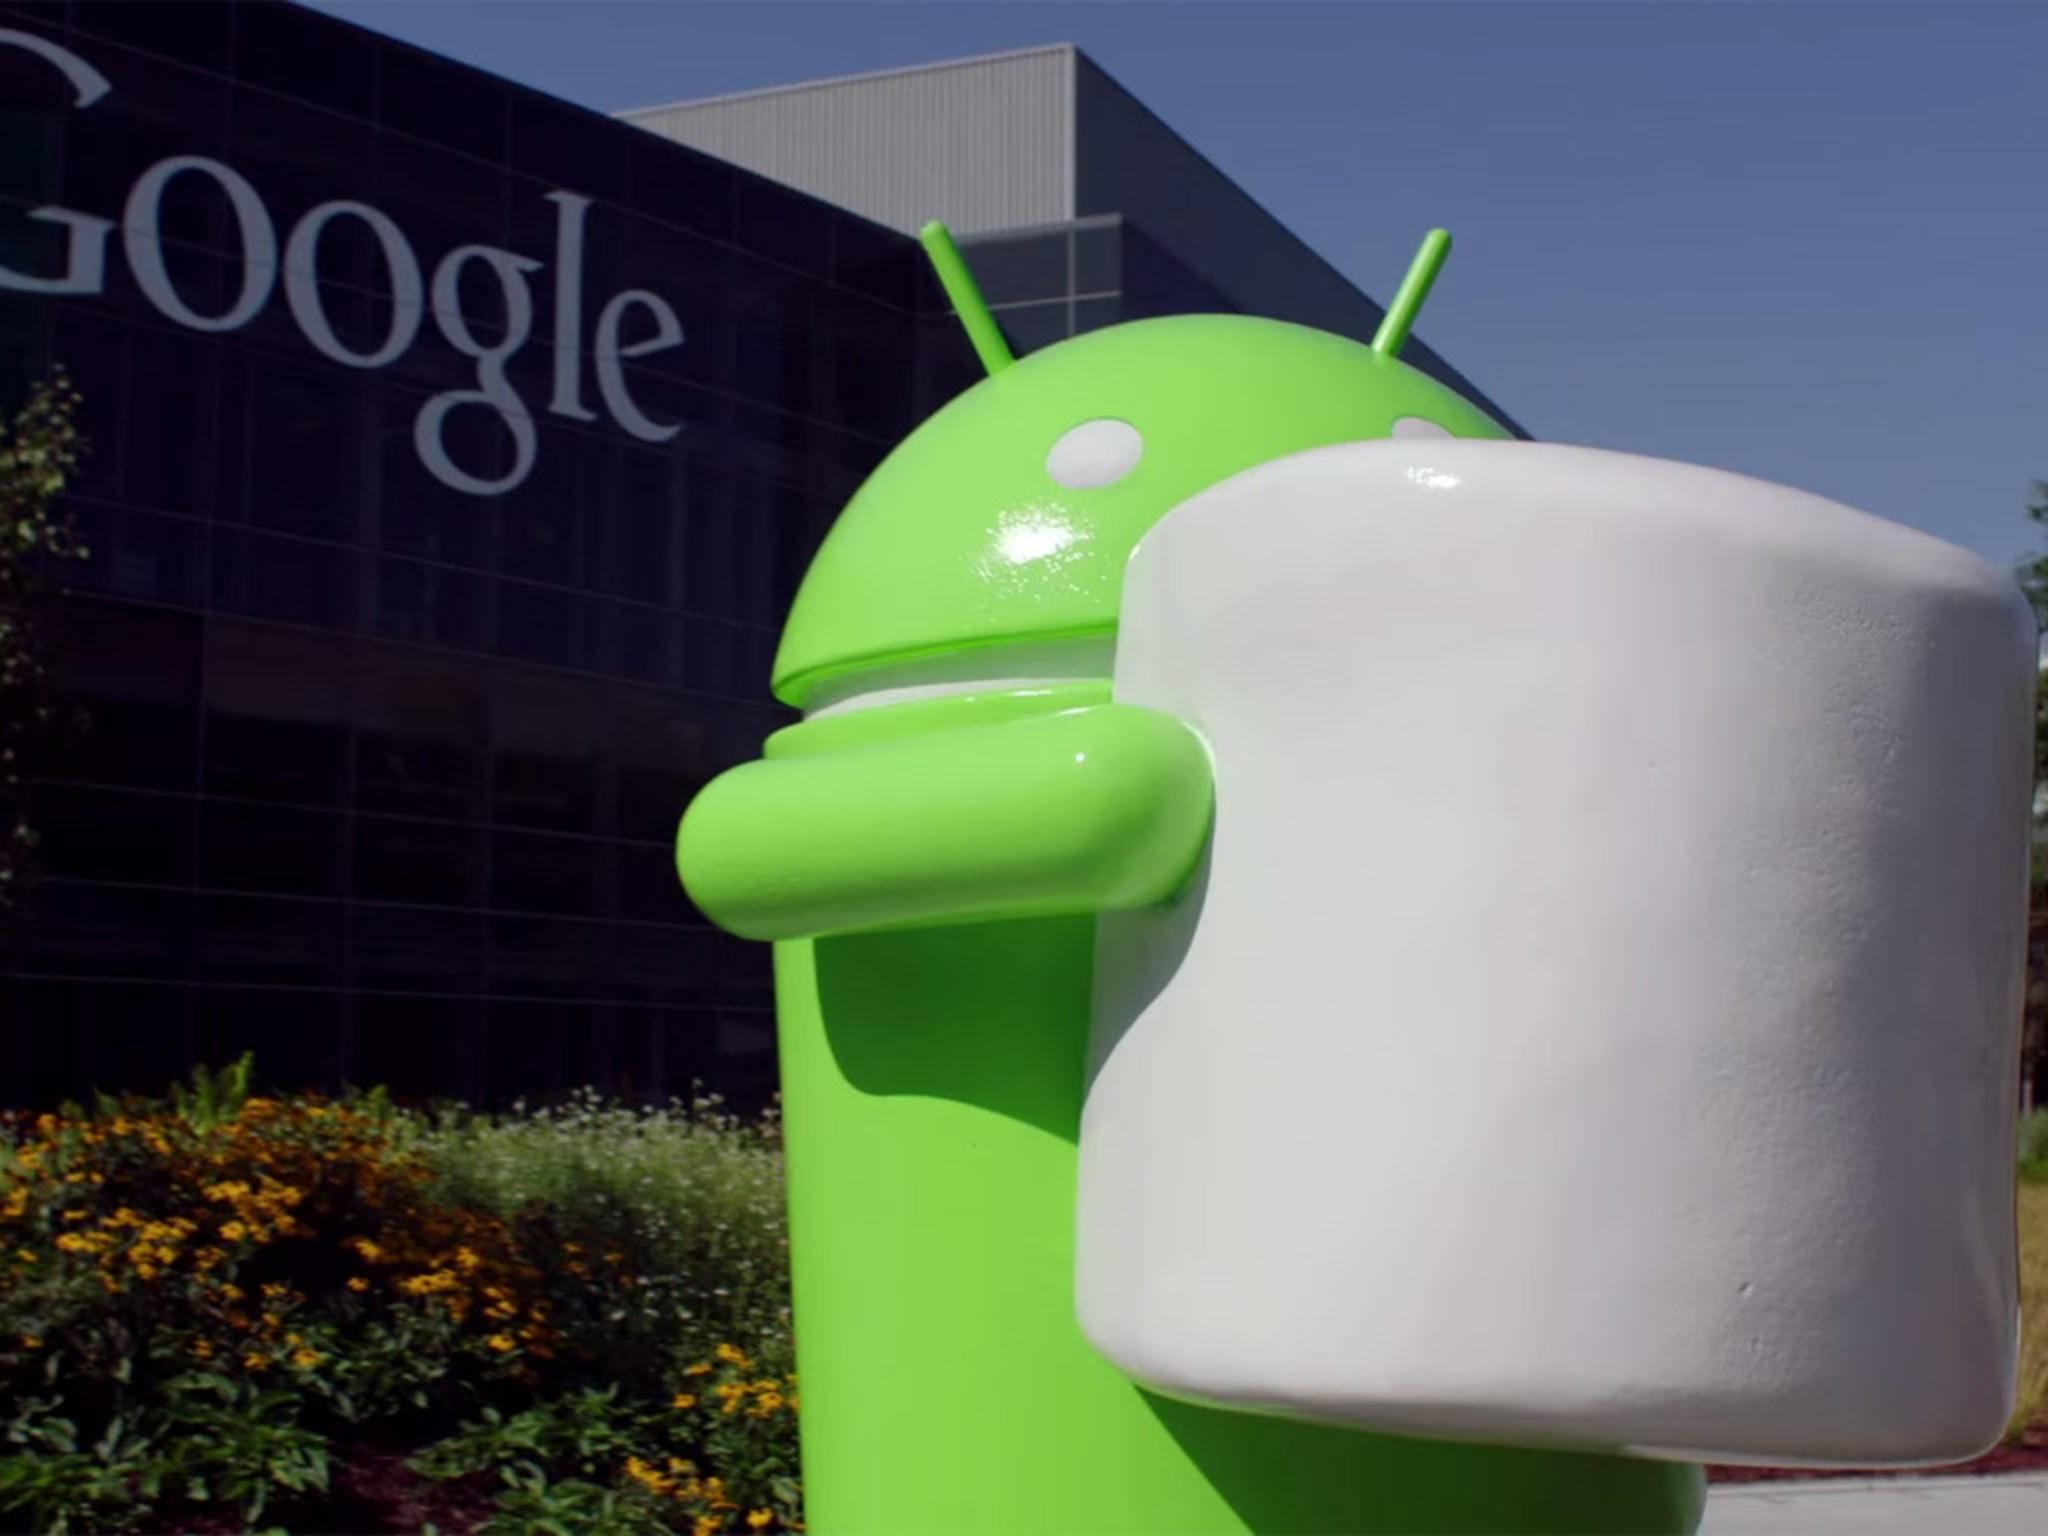 Android 6. 0 hat die Bezeichnung Marshmallow bekommen. Dürfen die Nutzer über den nächsten Namen abstimmen?